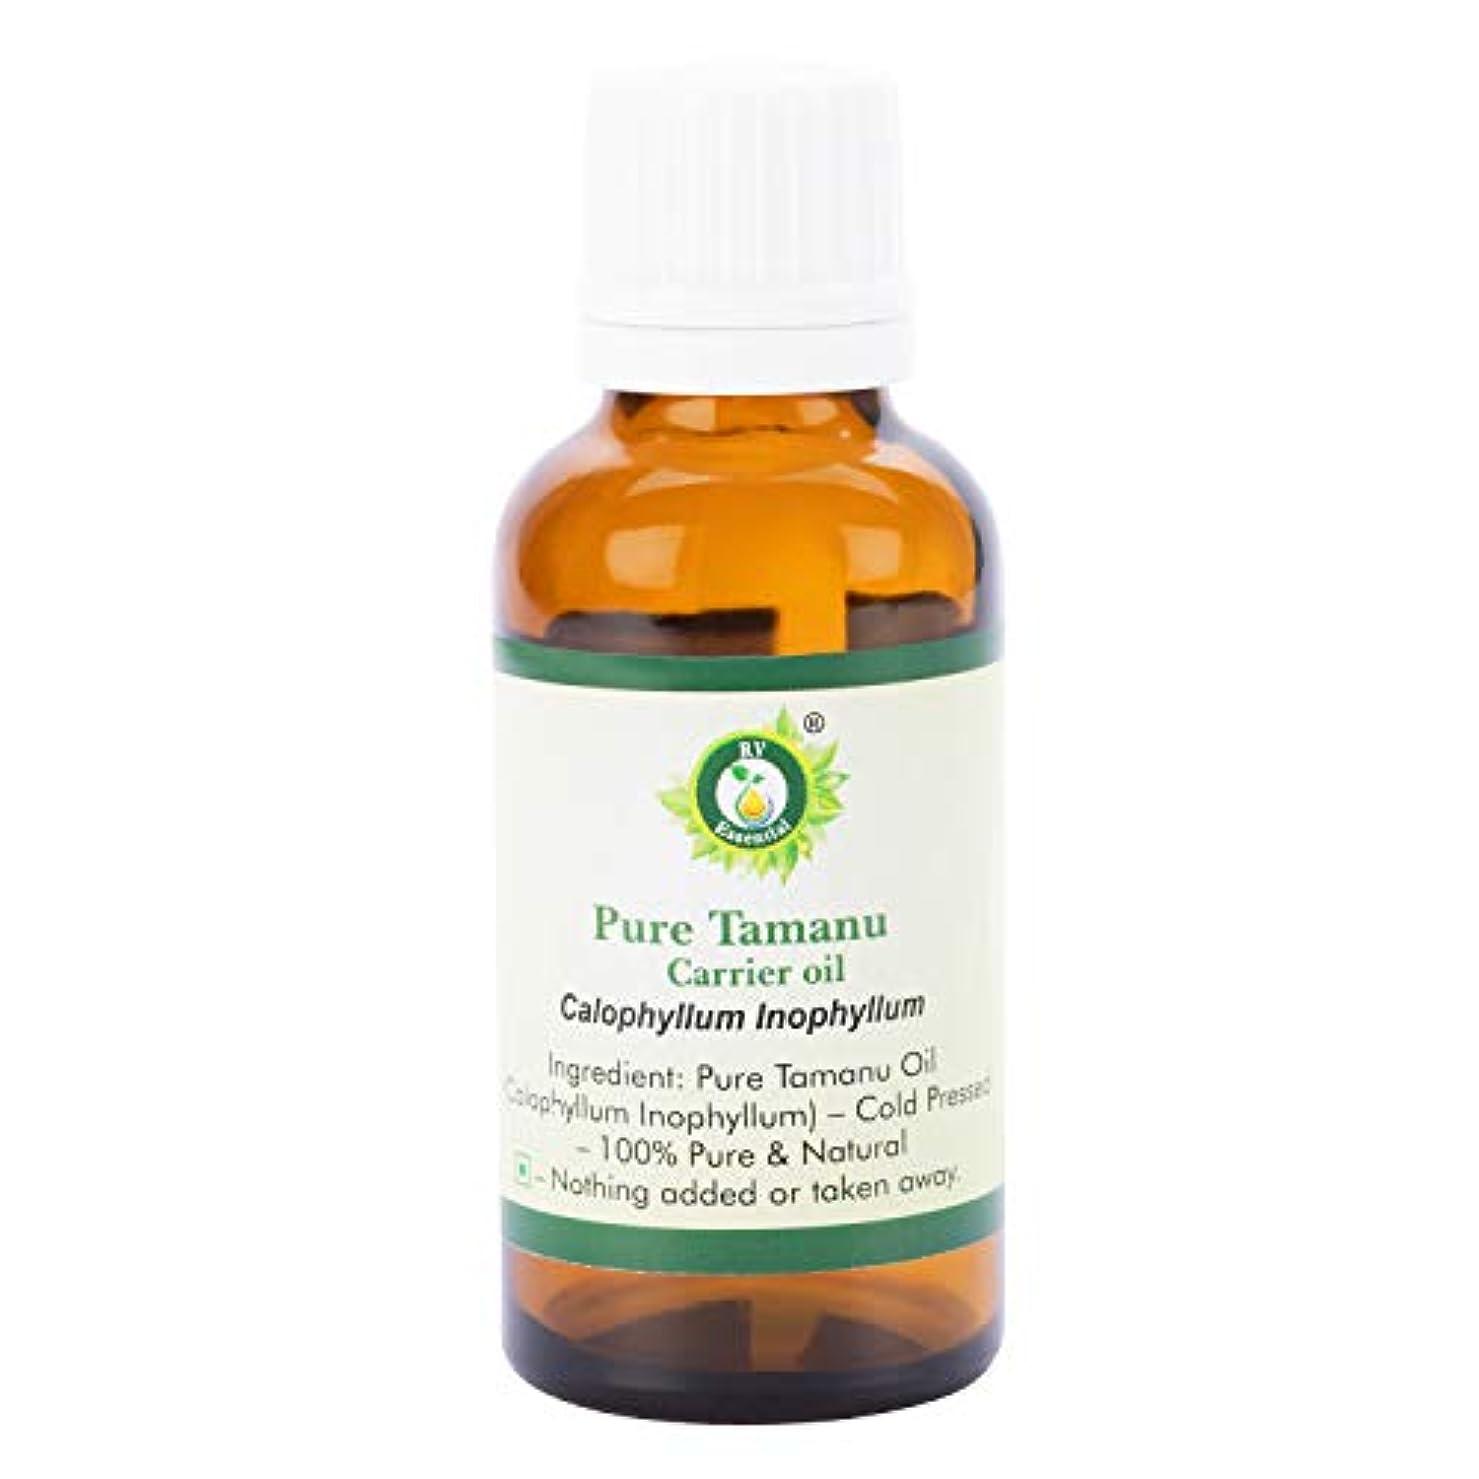 構築するベリ超えてピュアTamanuキャリアオイル30ml (1.01oz)- Calophyllum Inophyllum (100%ピュア&ナチュラルコールドPressed) Pure Tamanu Carrier Oil